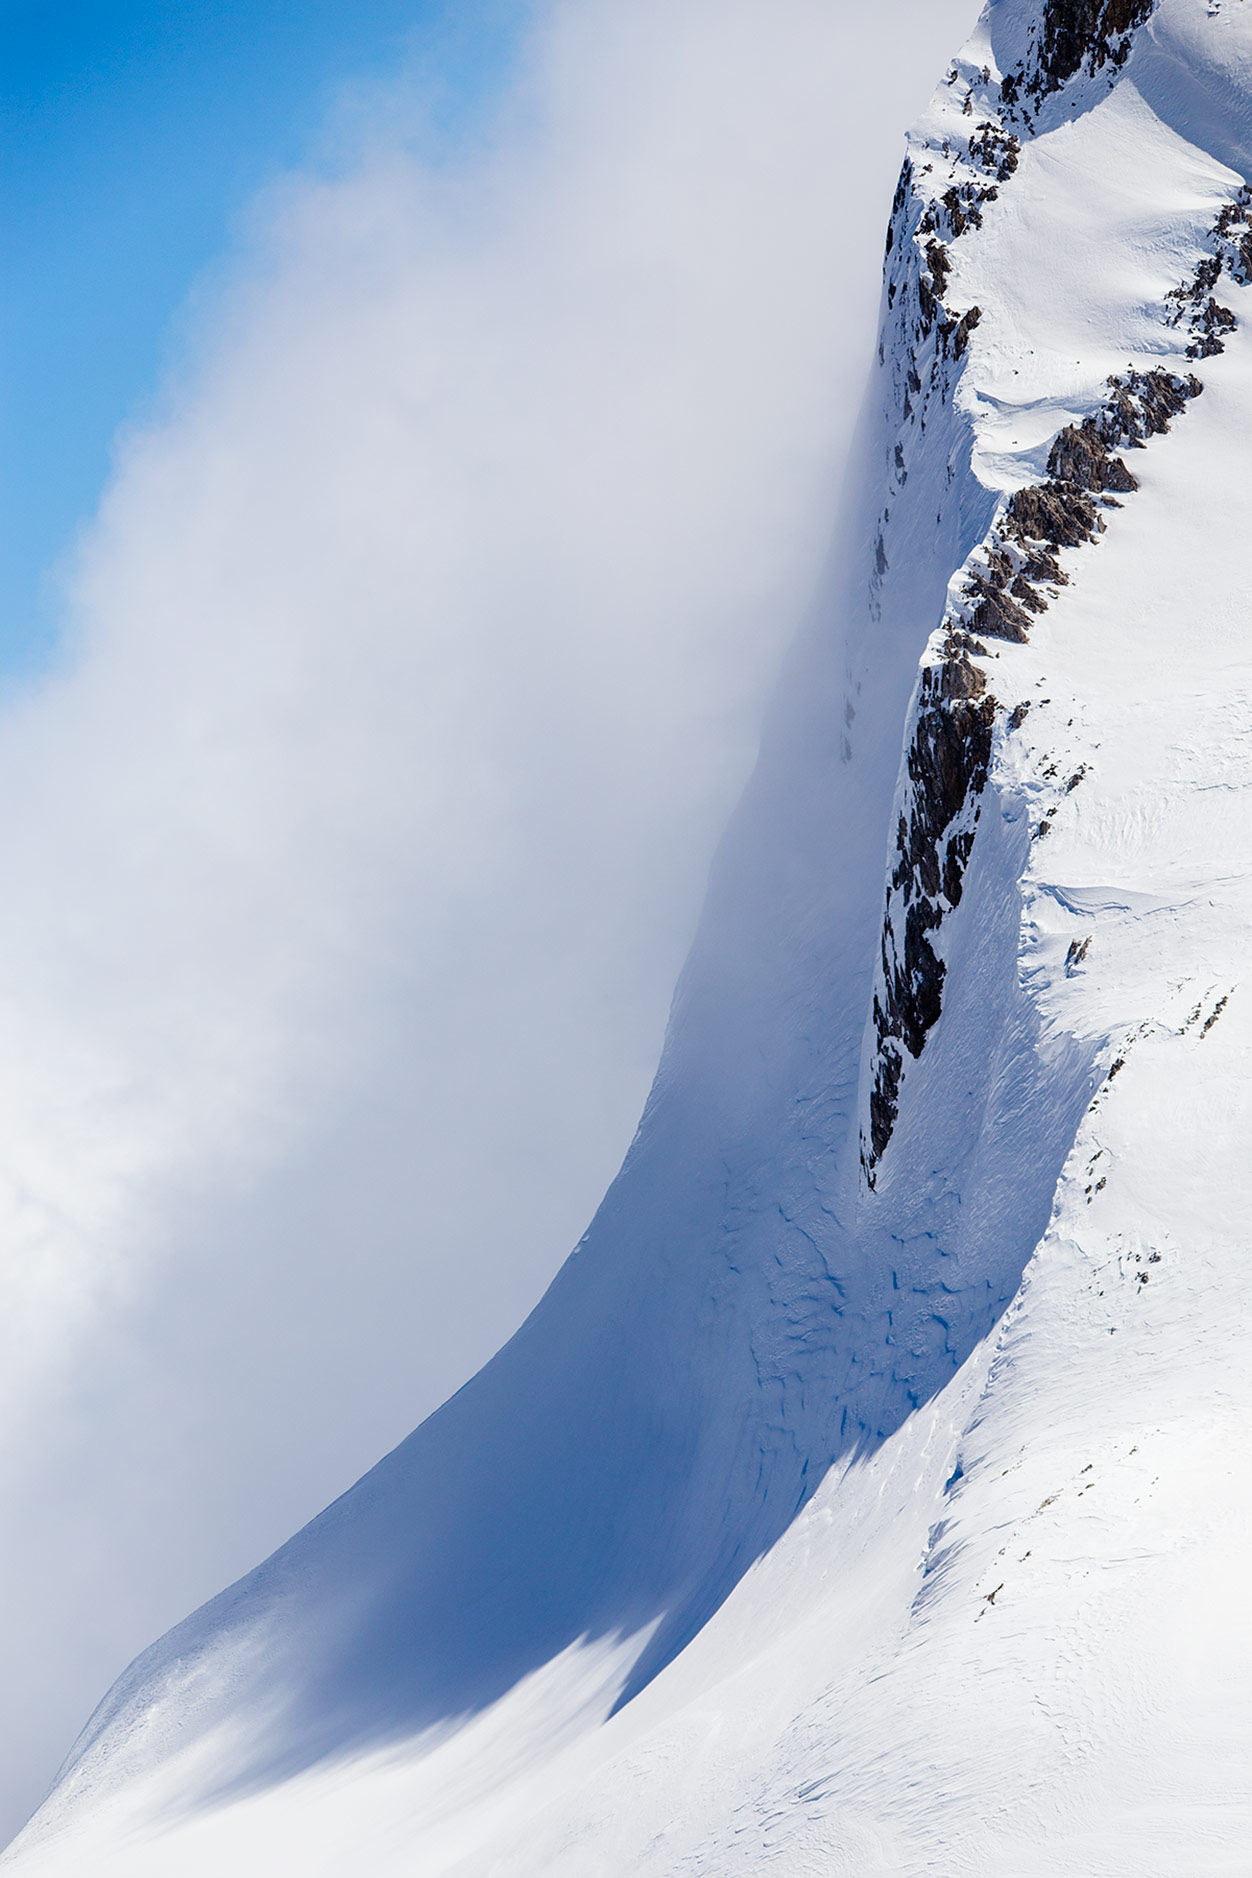 Gudaurissa lumi pysyy korkeuden ansiosta kuivana, vaikka aurinko paistaisi. Tuuli voi sen sijaan tehdä yllätyksiä.